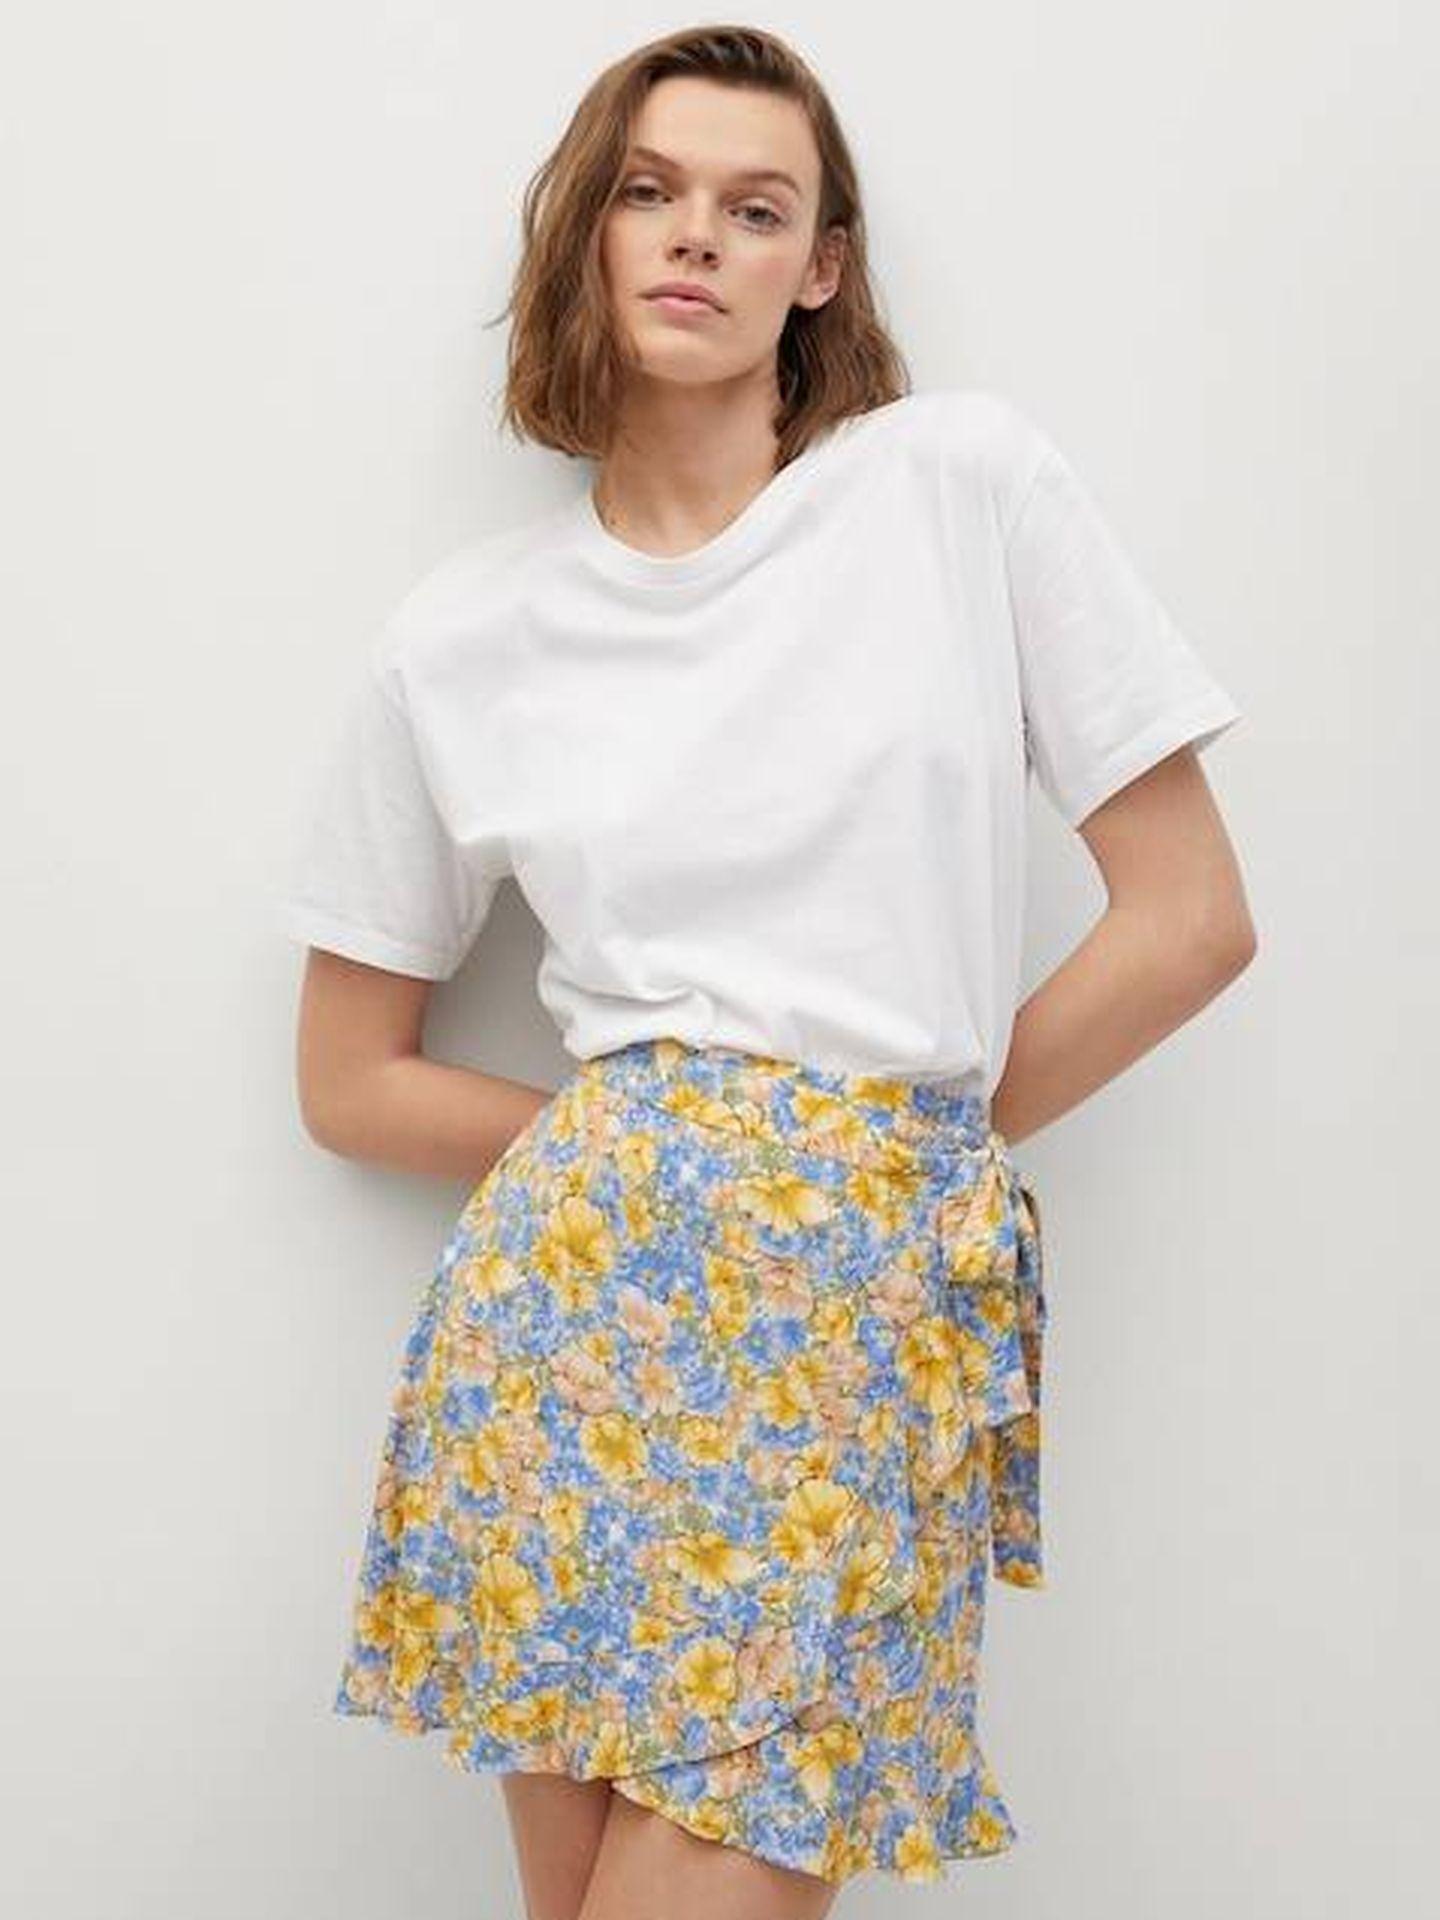 Falda de Mango. (Cortesía)